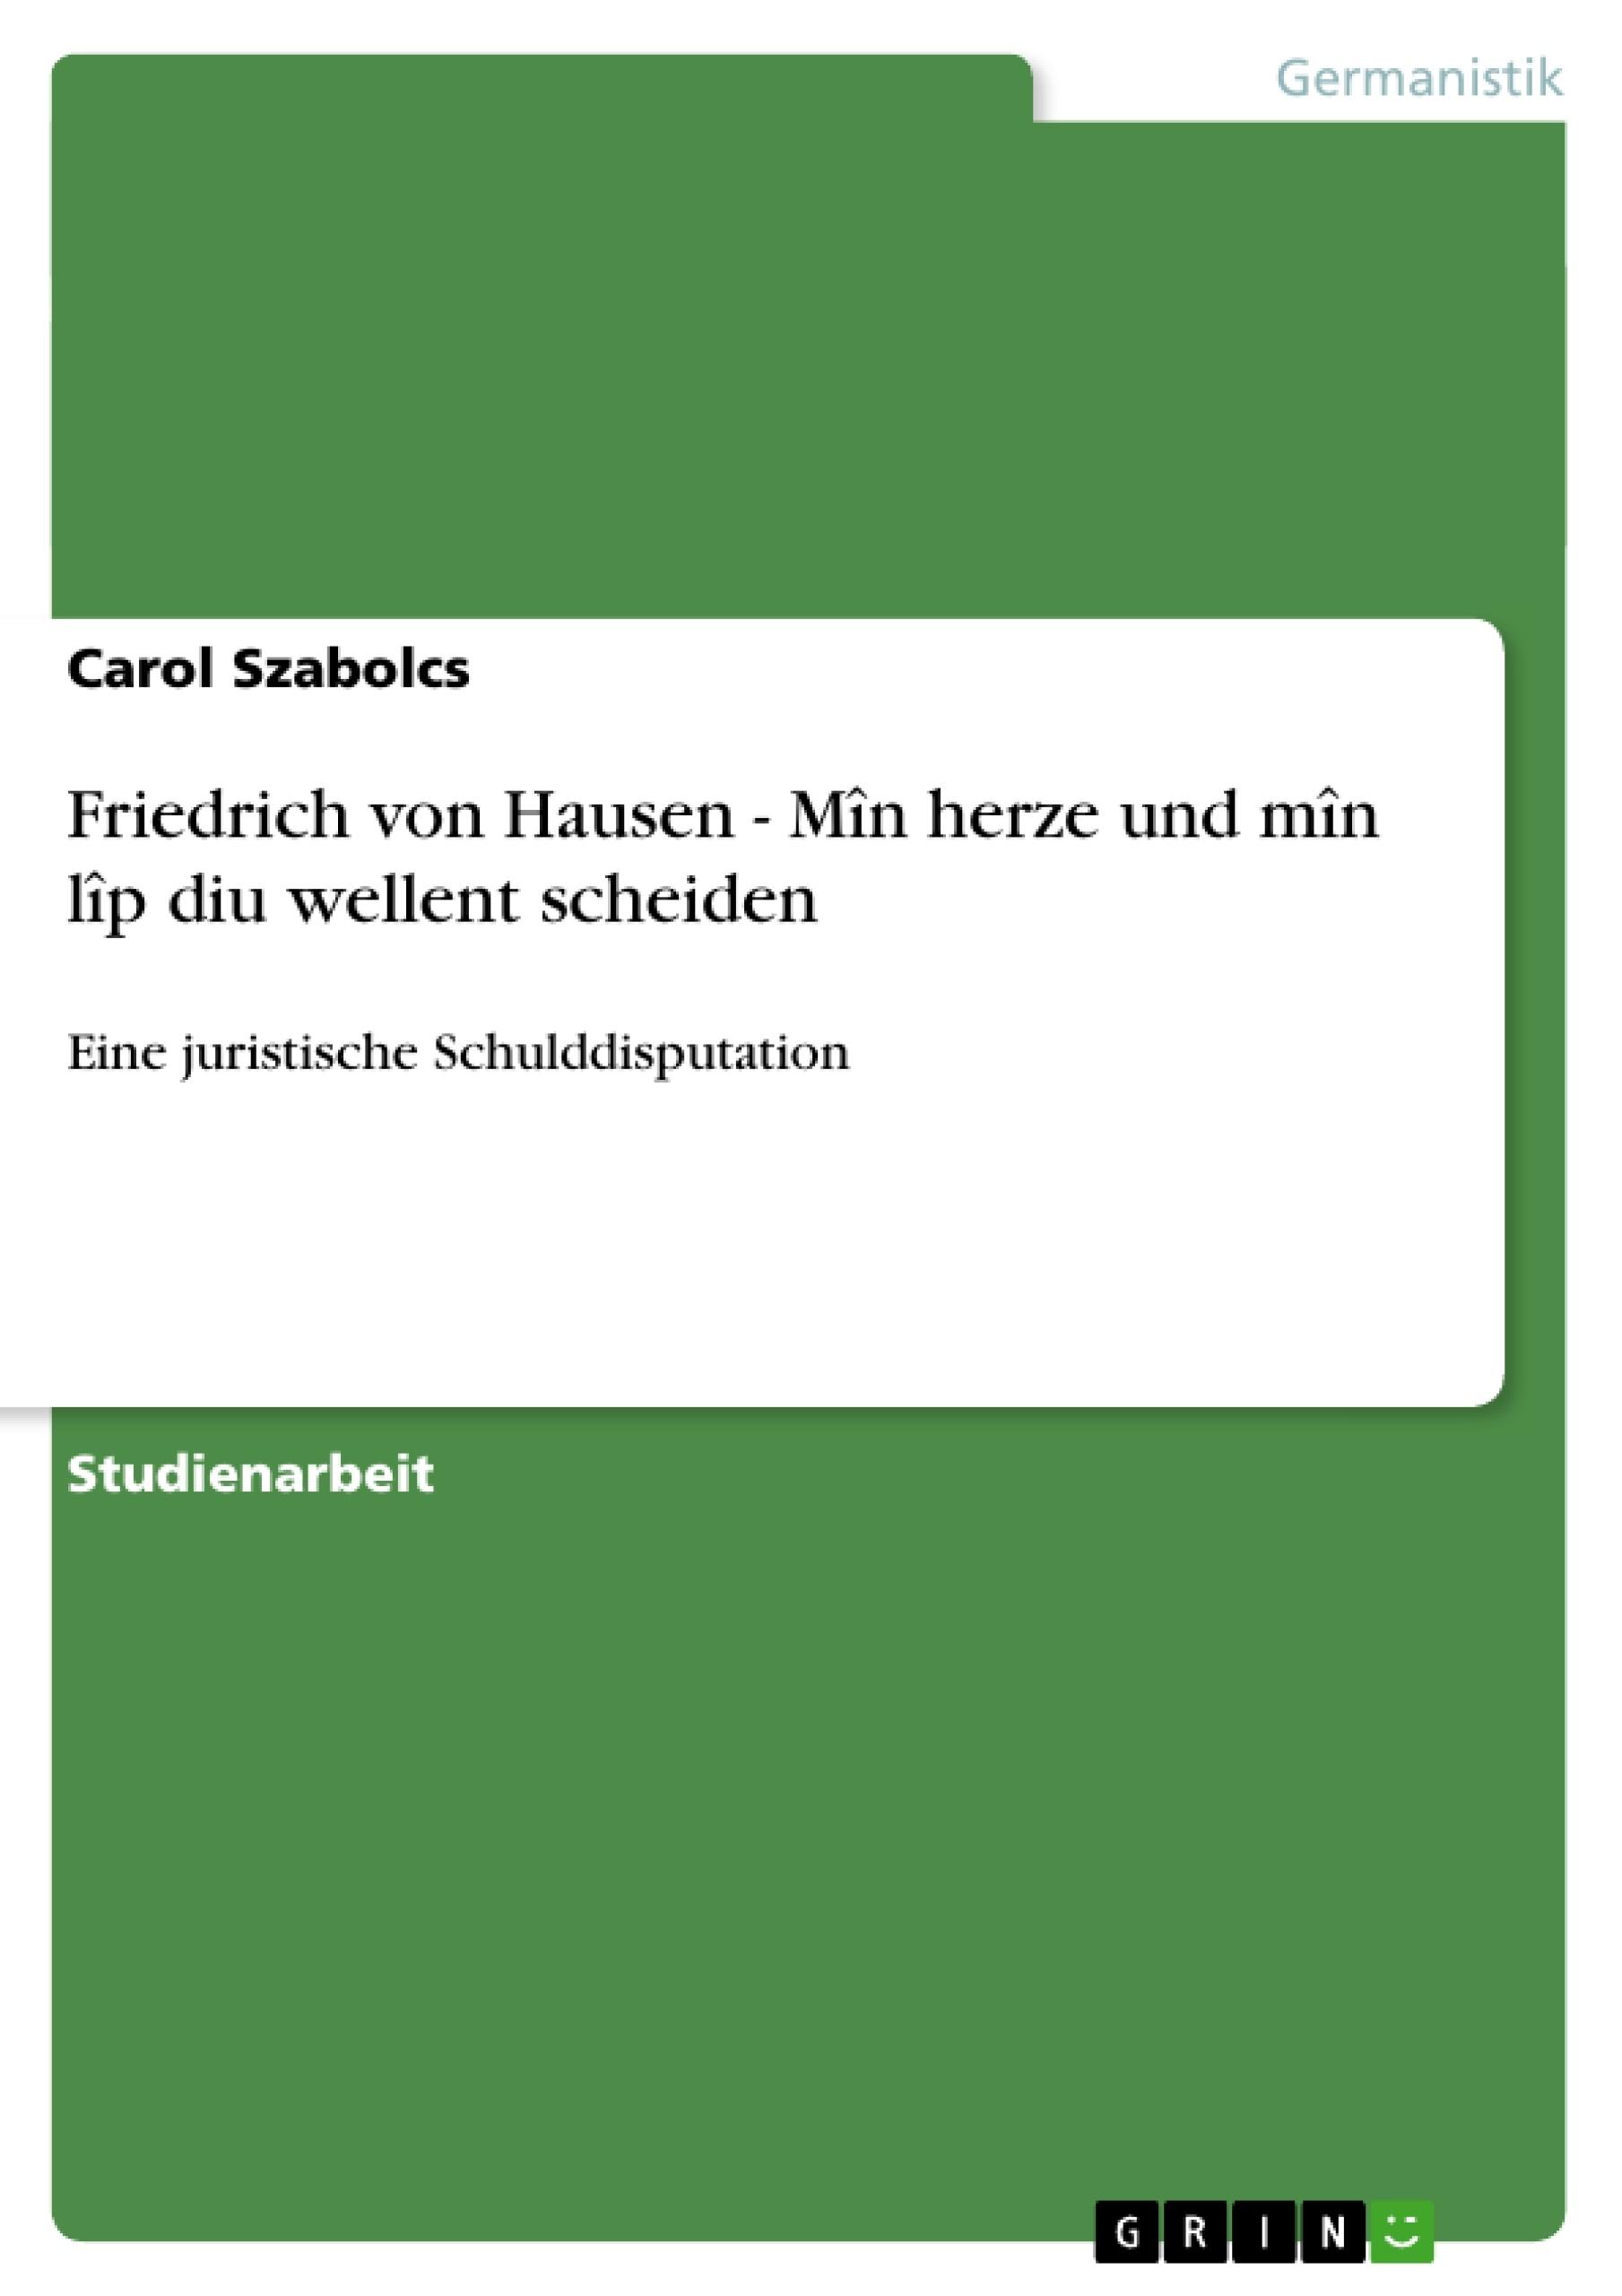 Titel: Friedrich von Hausen - Mîn herze und mîn lîp diu wellent scheiden